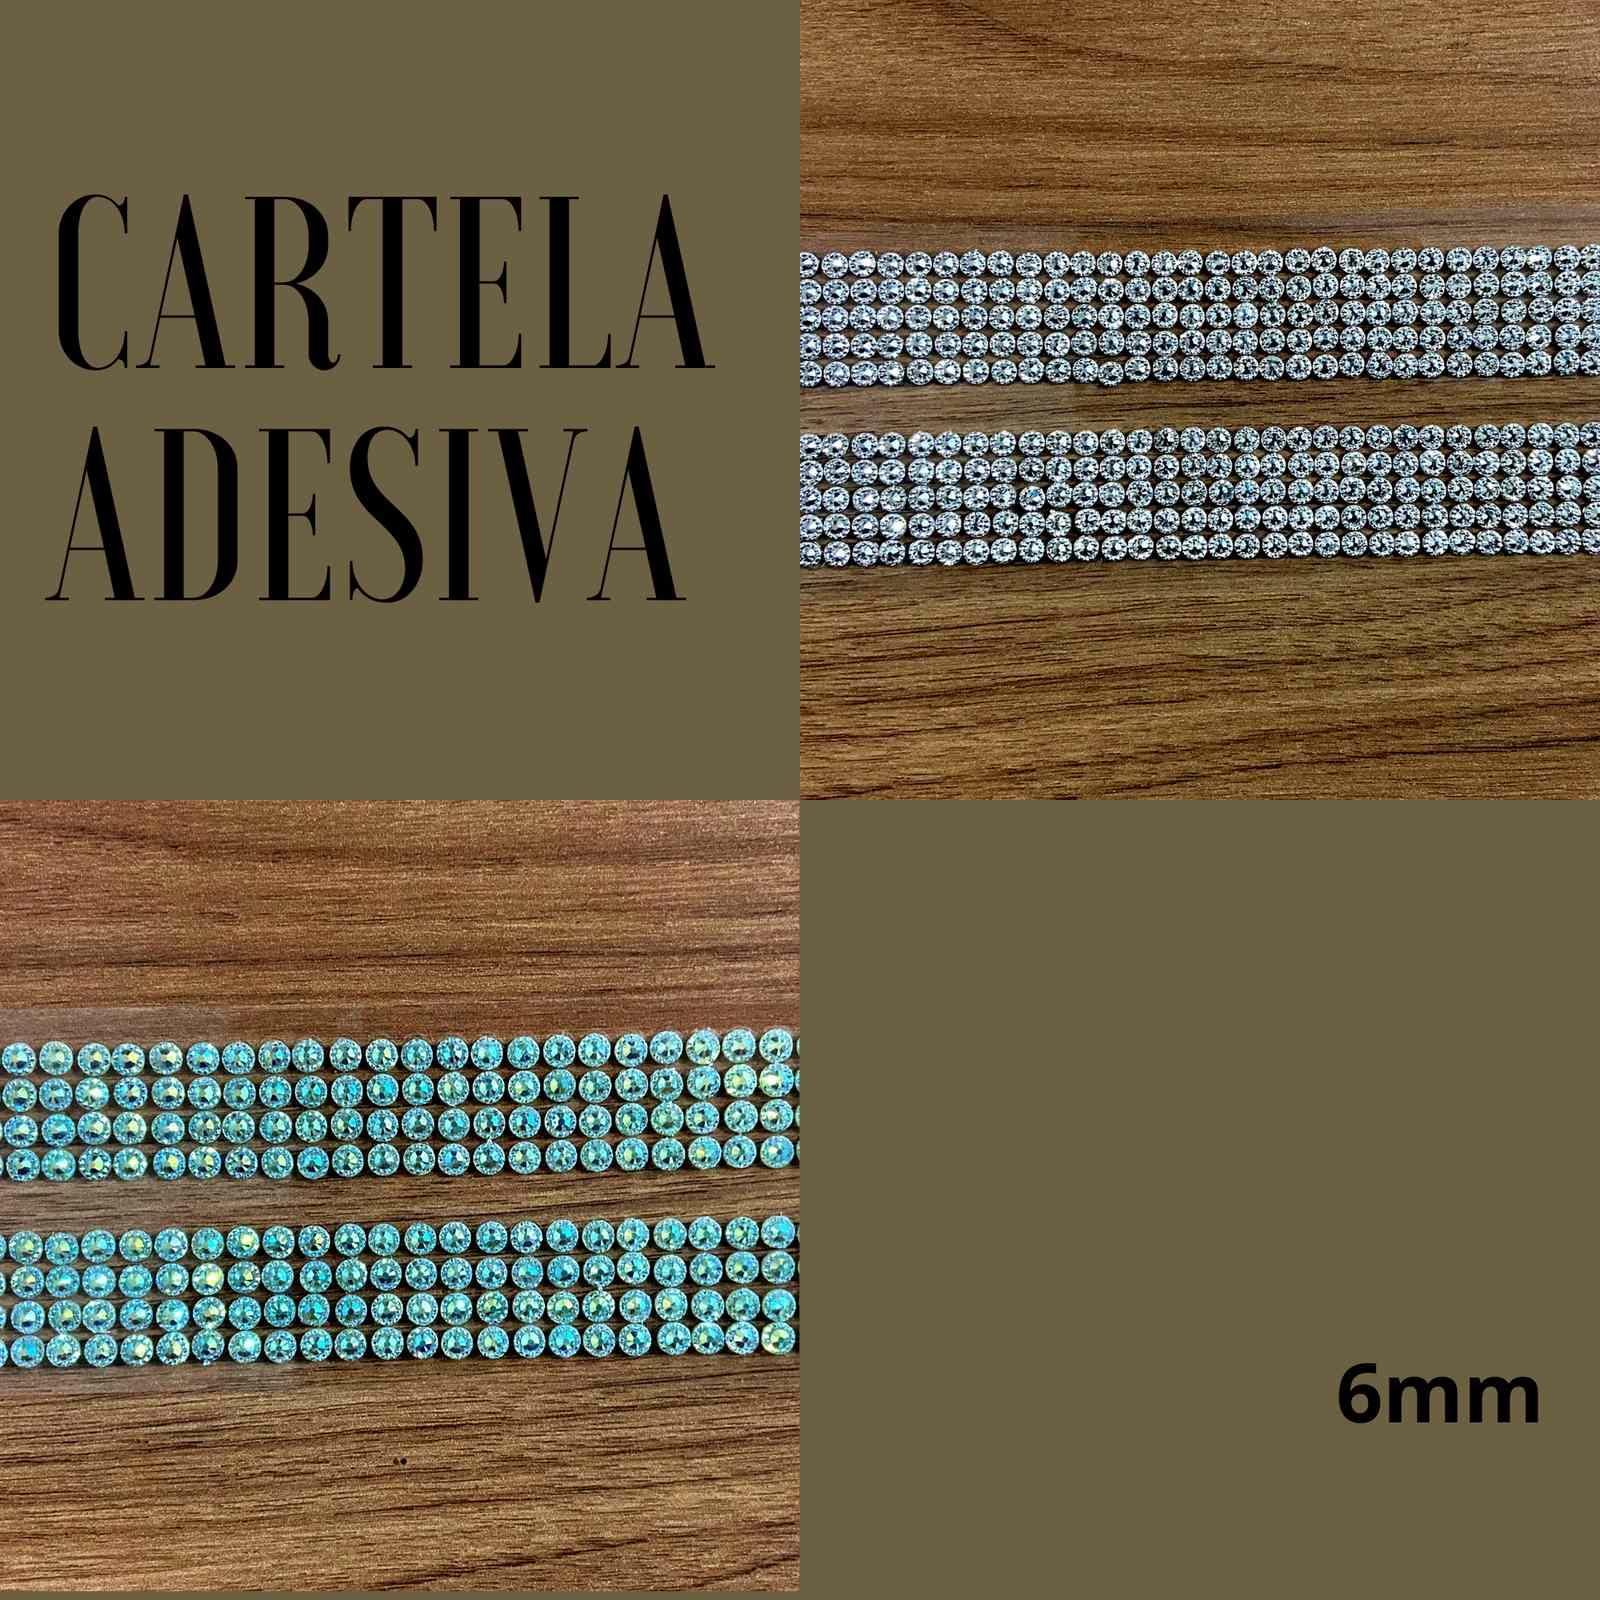 Cartela Adesiva Brilhante 6mm c/368Unidades